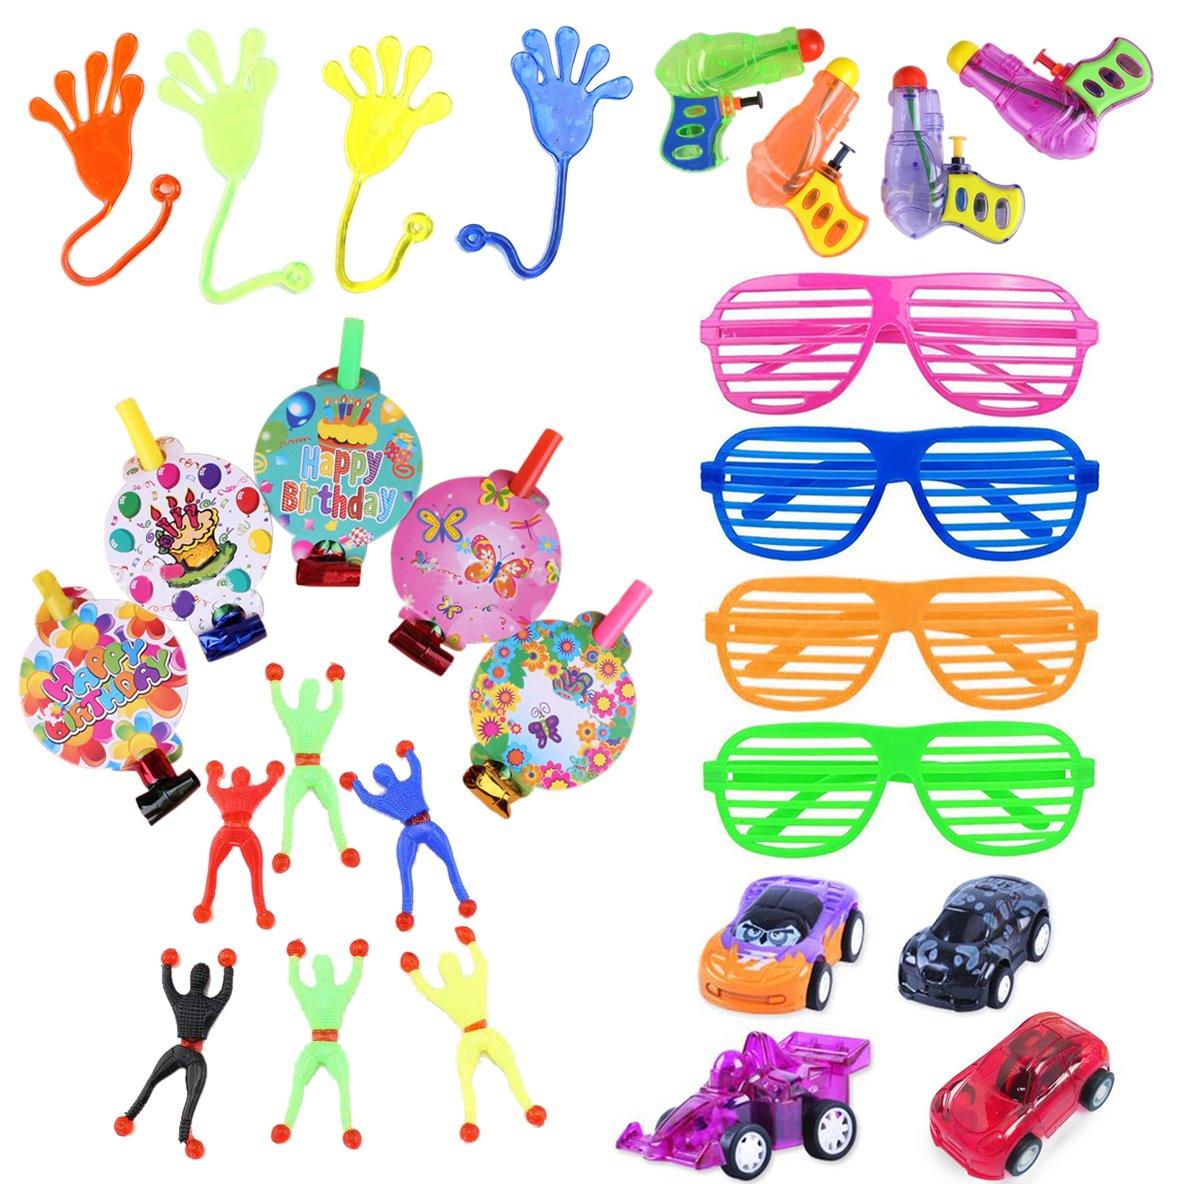 BigLion Party Bag Embroma Favores Fiestas de Cumpleaños Infantiles para niños y niñas Bolsas de Fiesta Llenado 27 Piezas